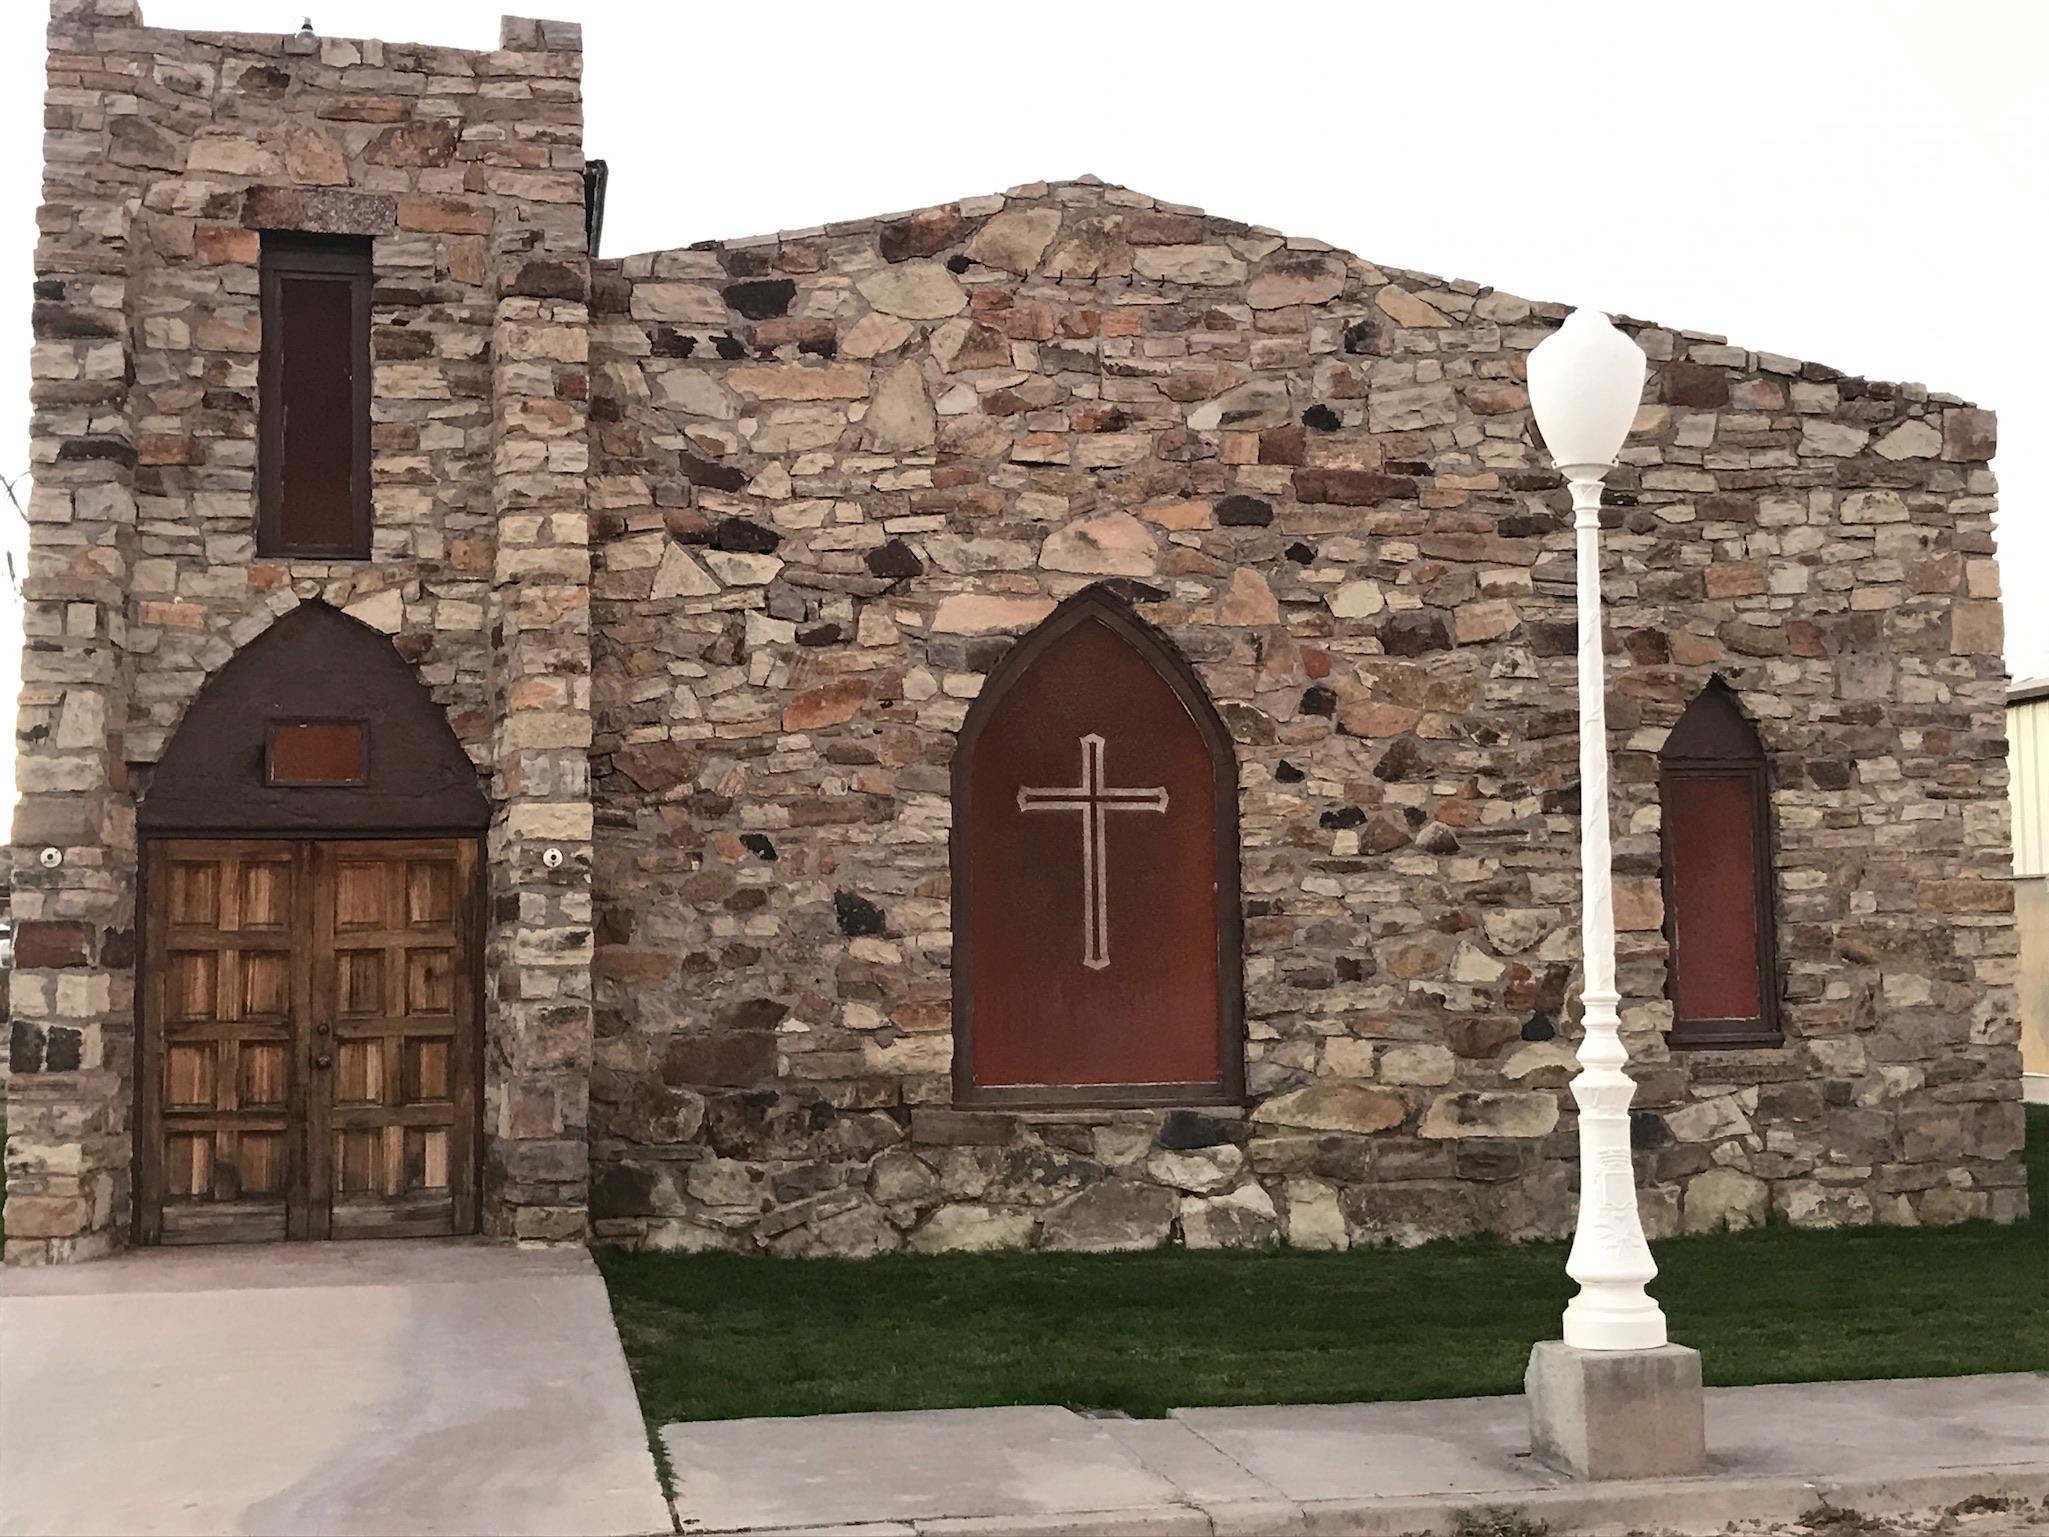 A church in Duncan.